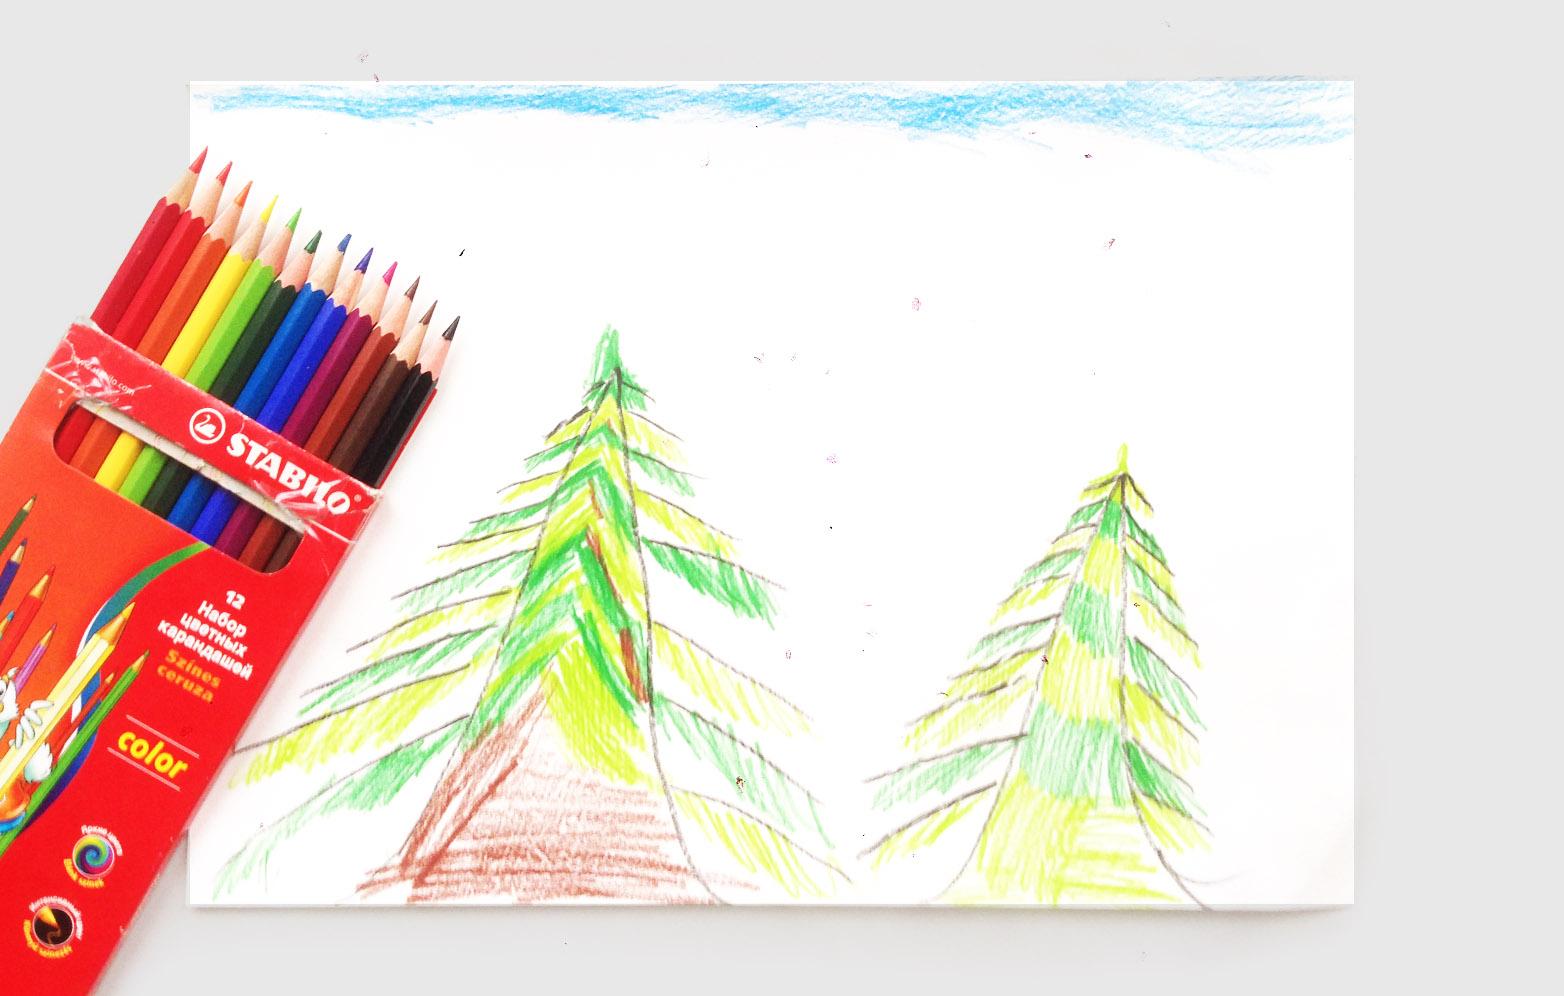 50 nbsp оттенков яркого  ищем   хорошие    цветные карандаши в nbsp Саранске 001